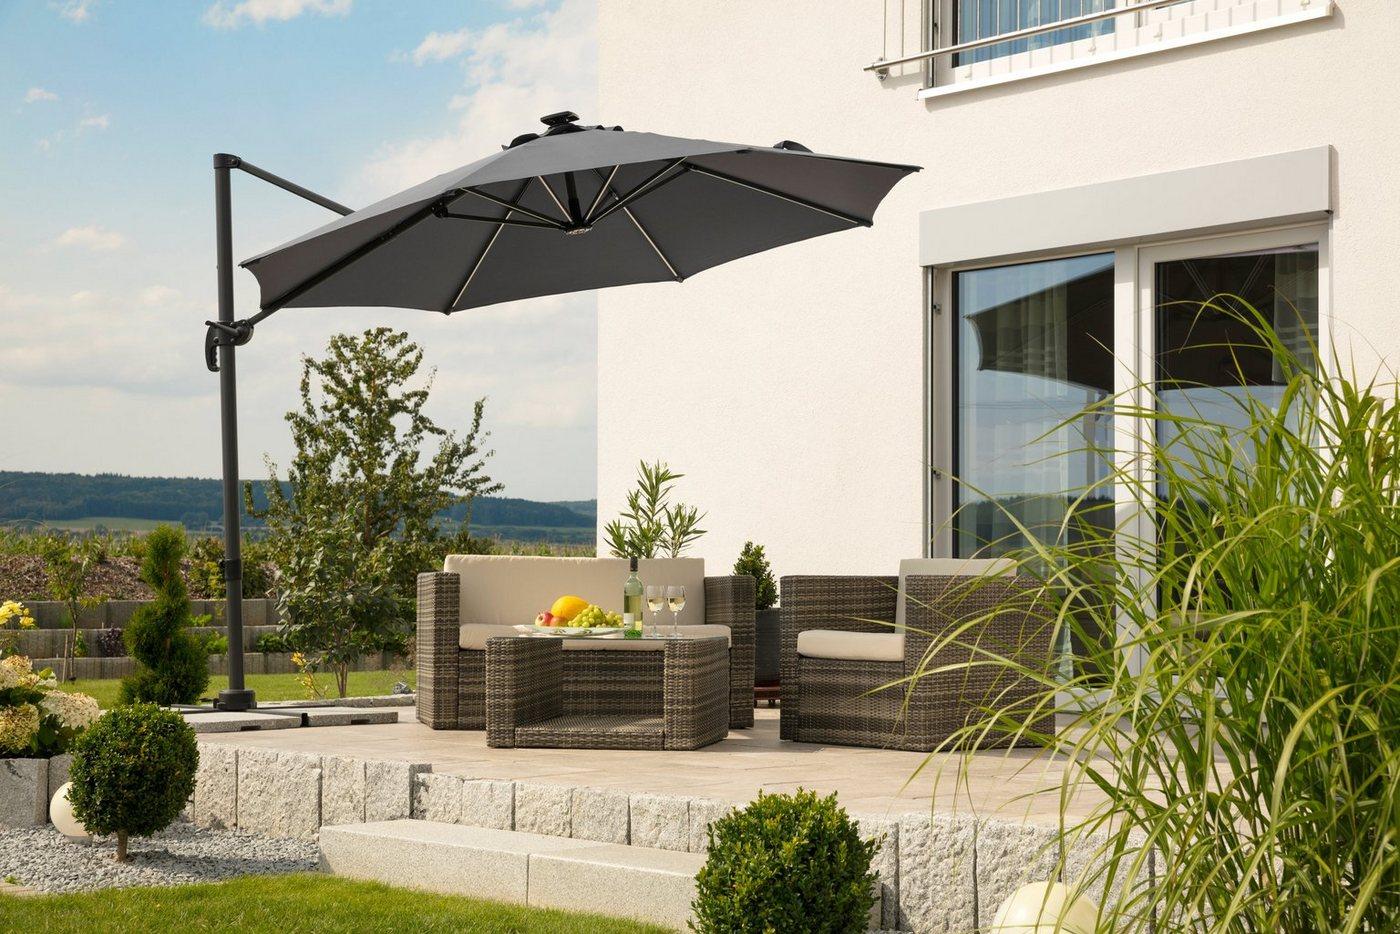 schneider sonnenschirm rhodos machen sie den preisvergleich bei nextag. Black Bedroom Furniture Sets. Home Design Ideas